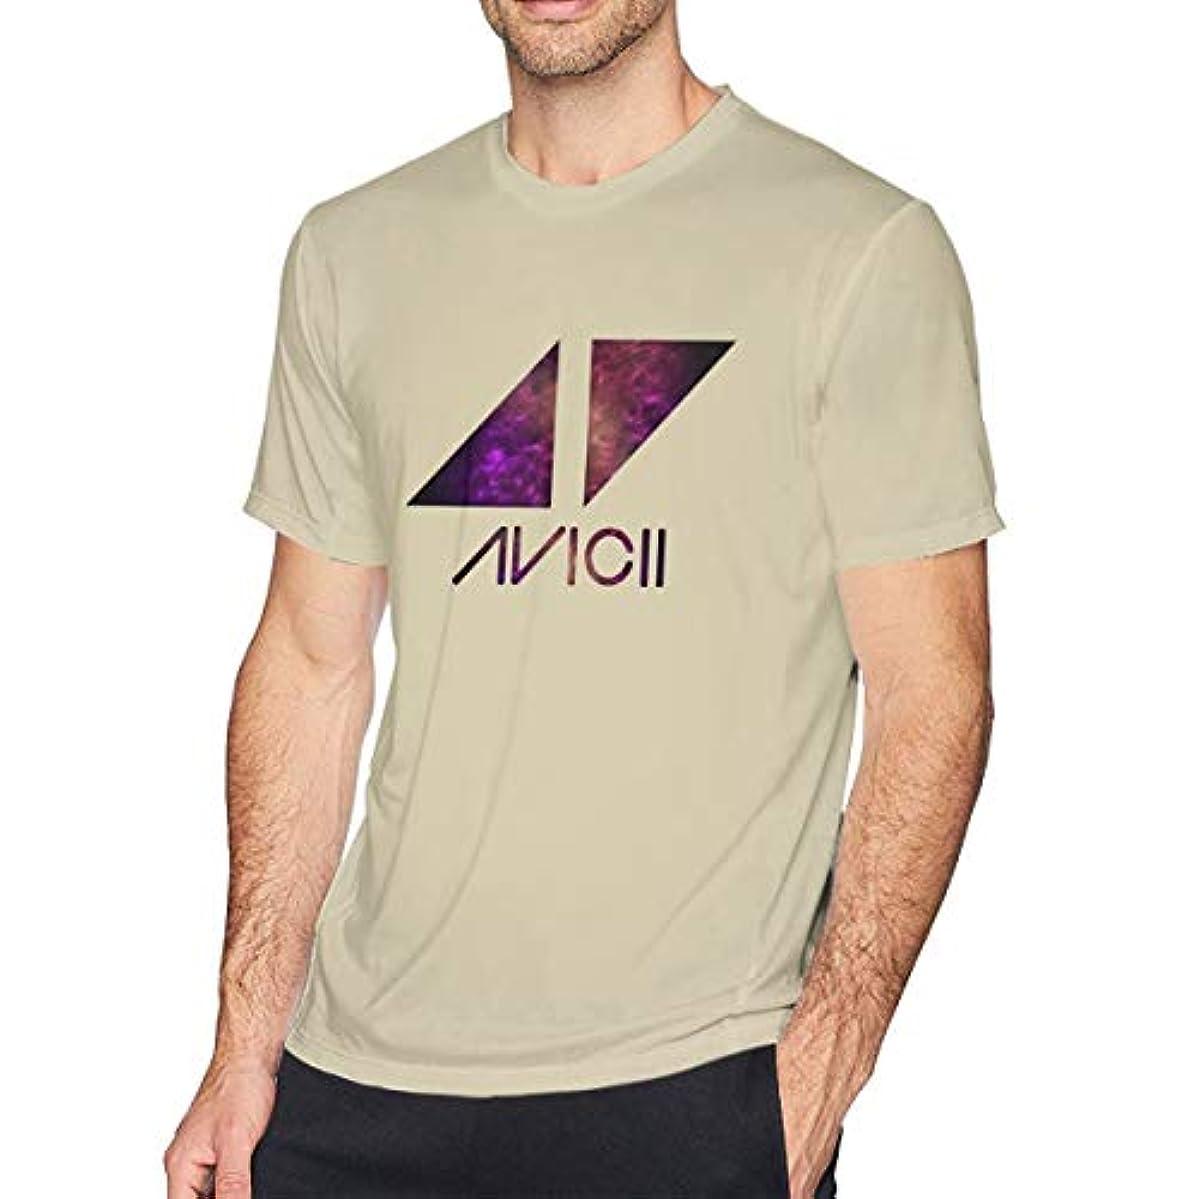 一葉草のtシャツ 半袖 メンズ 純綿 プリント 音楽 Avicii ドライ素材 プリント 印象的なTシャツ 着回 夏向き 爽やか ロゴTシャツ TEE トップス カットソー オシャレ オトク